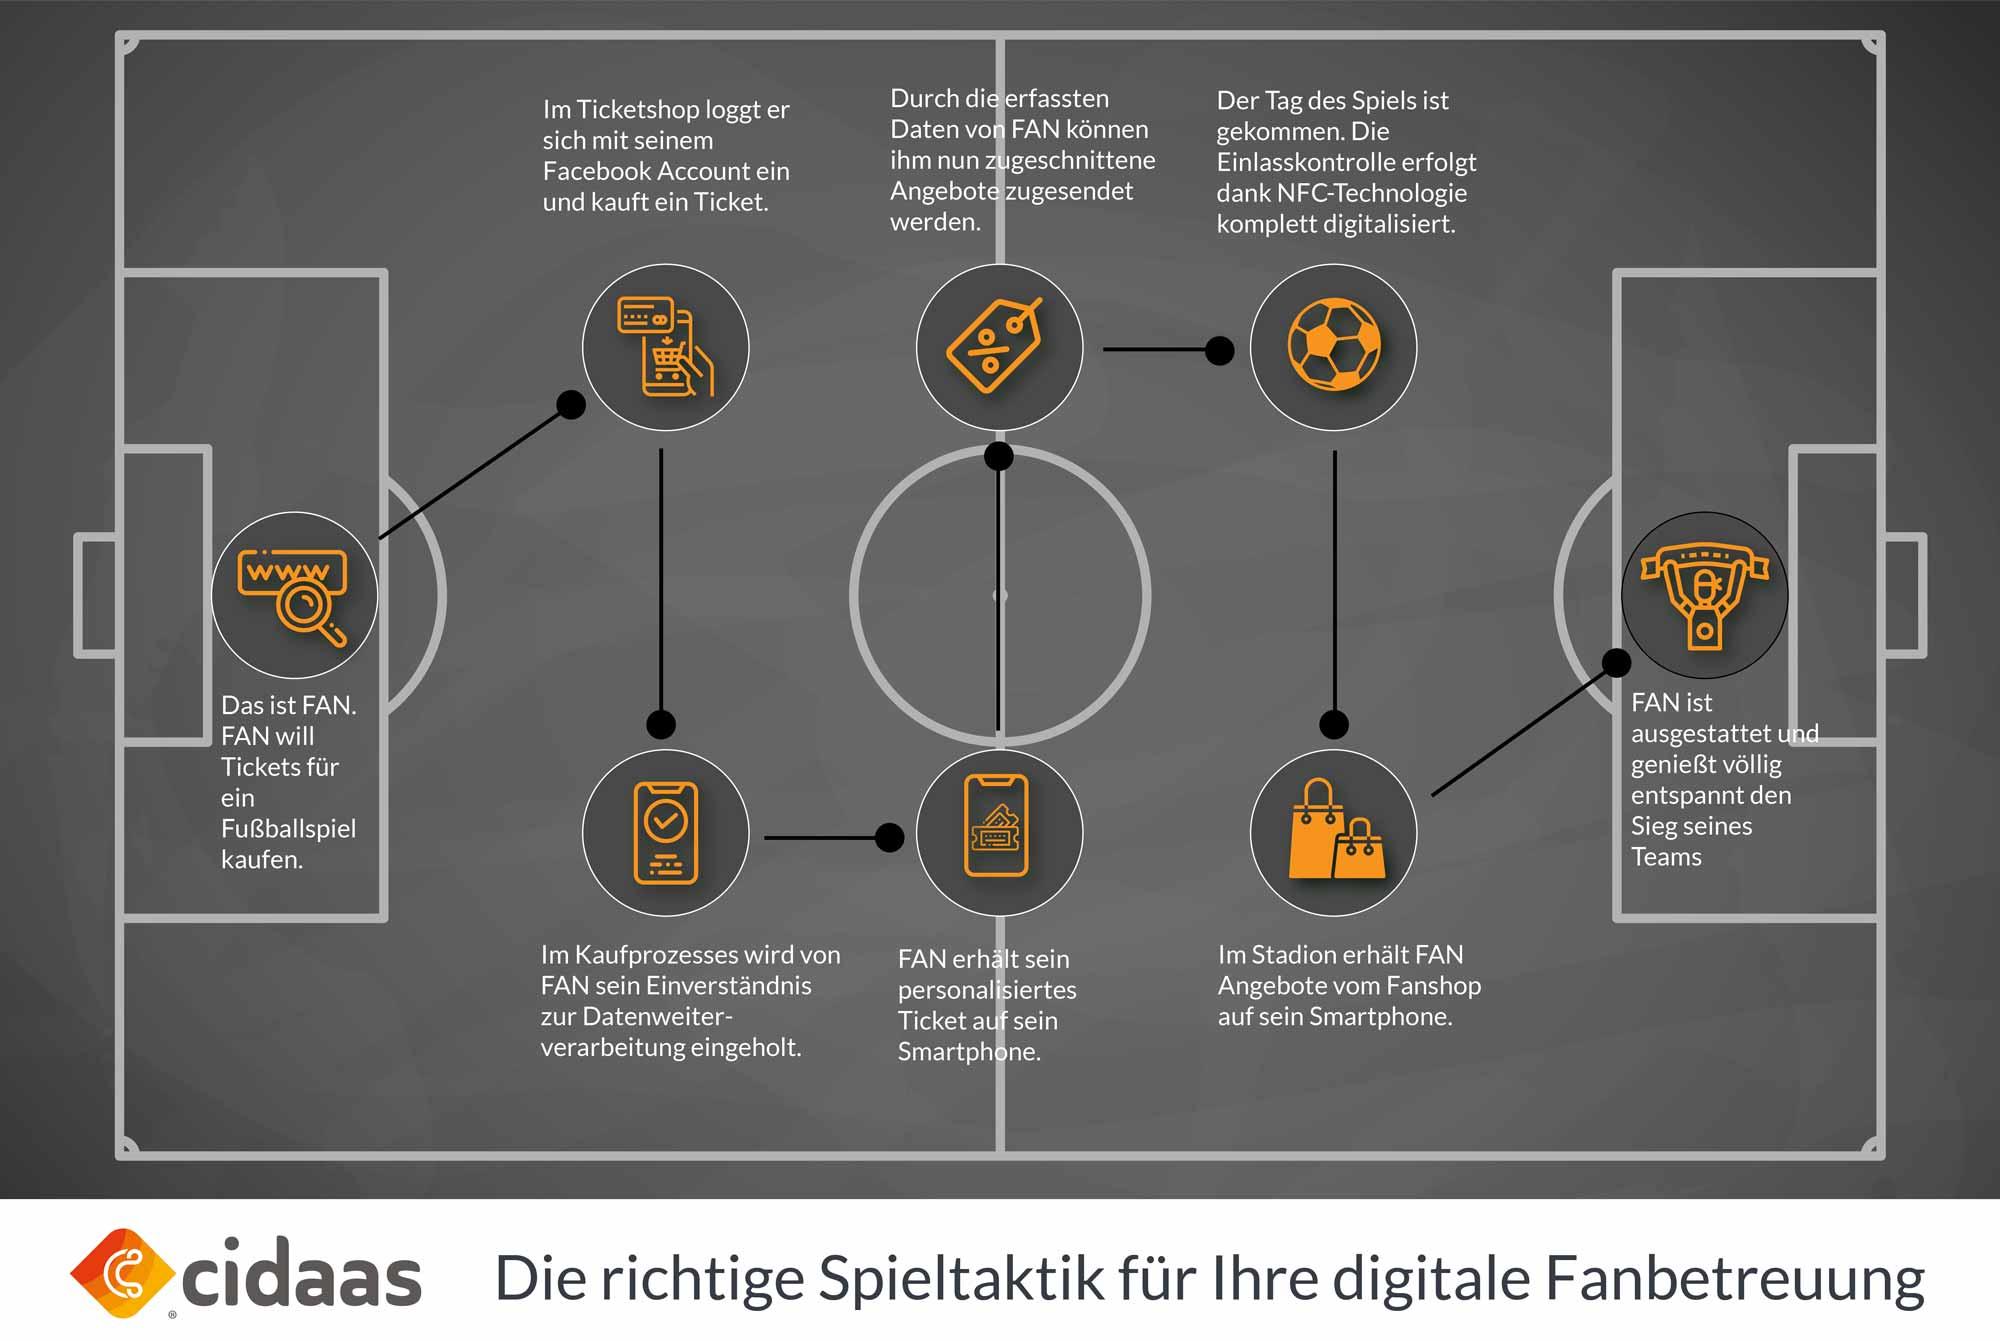 Wählen Sie die richtige digitale Spieltaktik für ihre Fanbetreuung mit cidaas